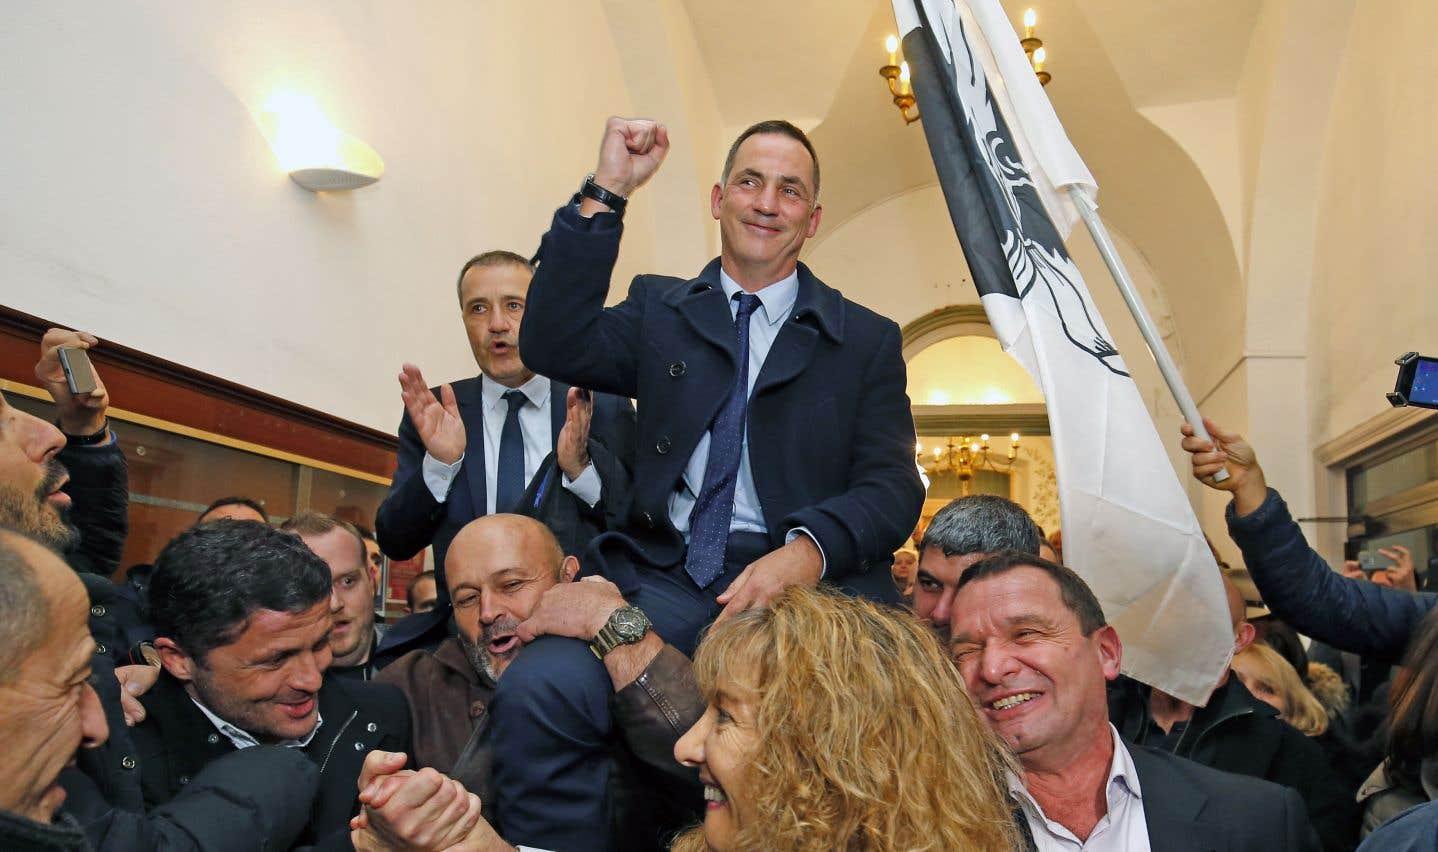 Les nationalistes corses remportent une éclatante victoire